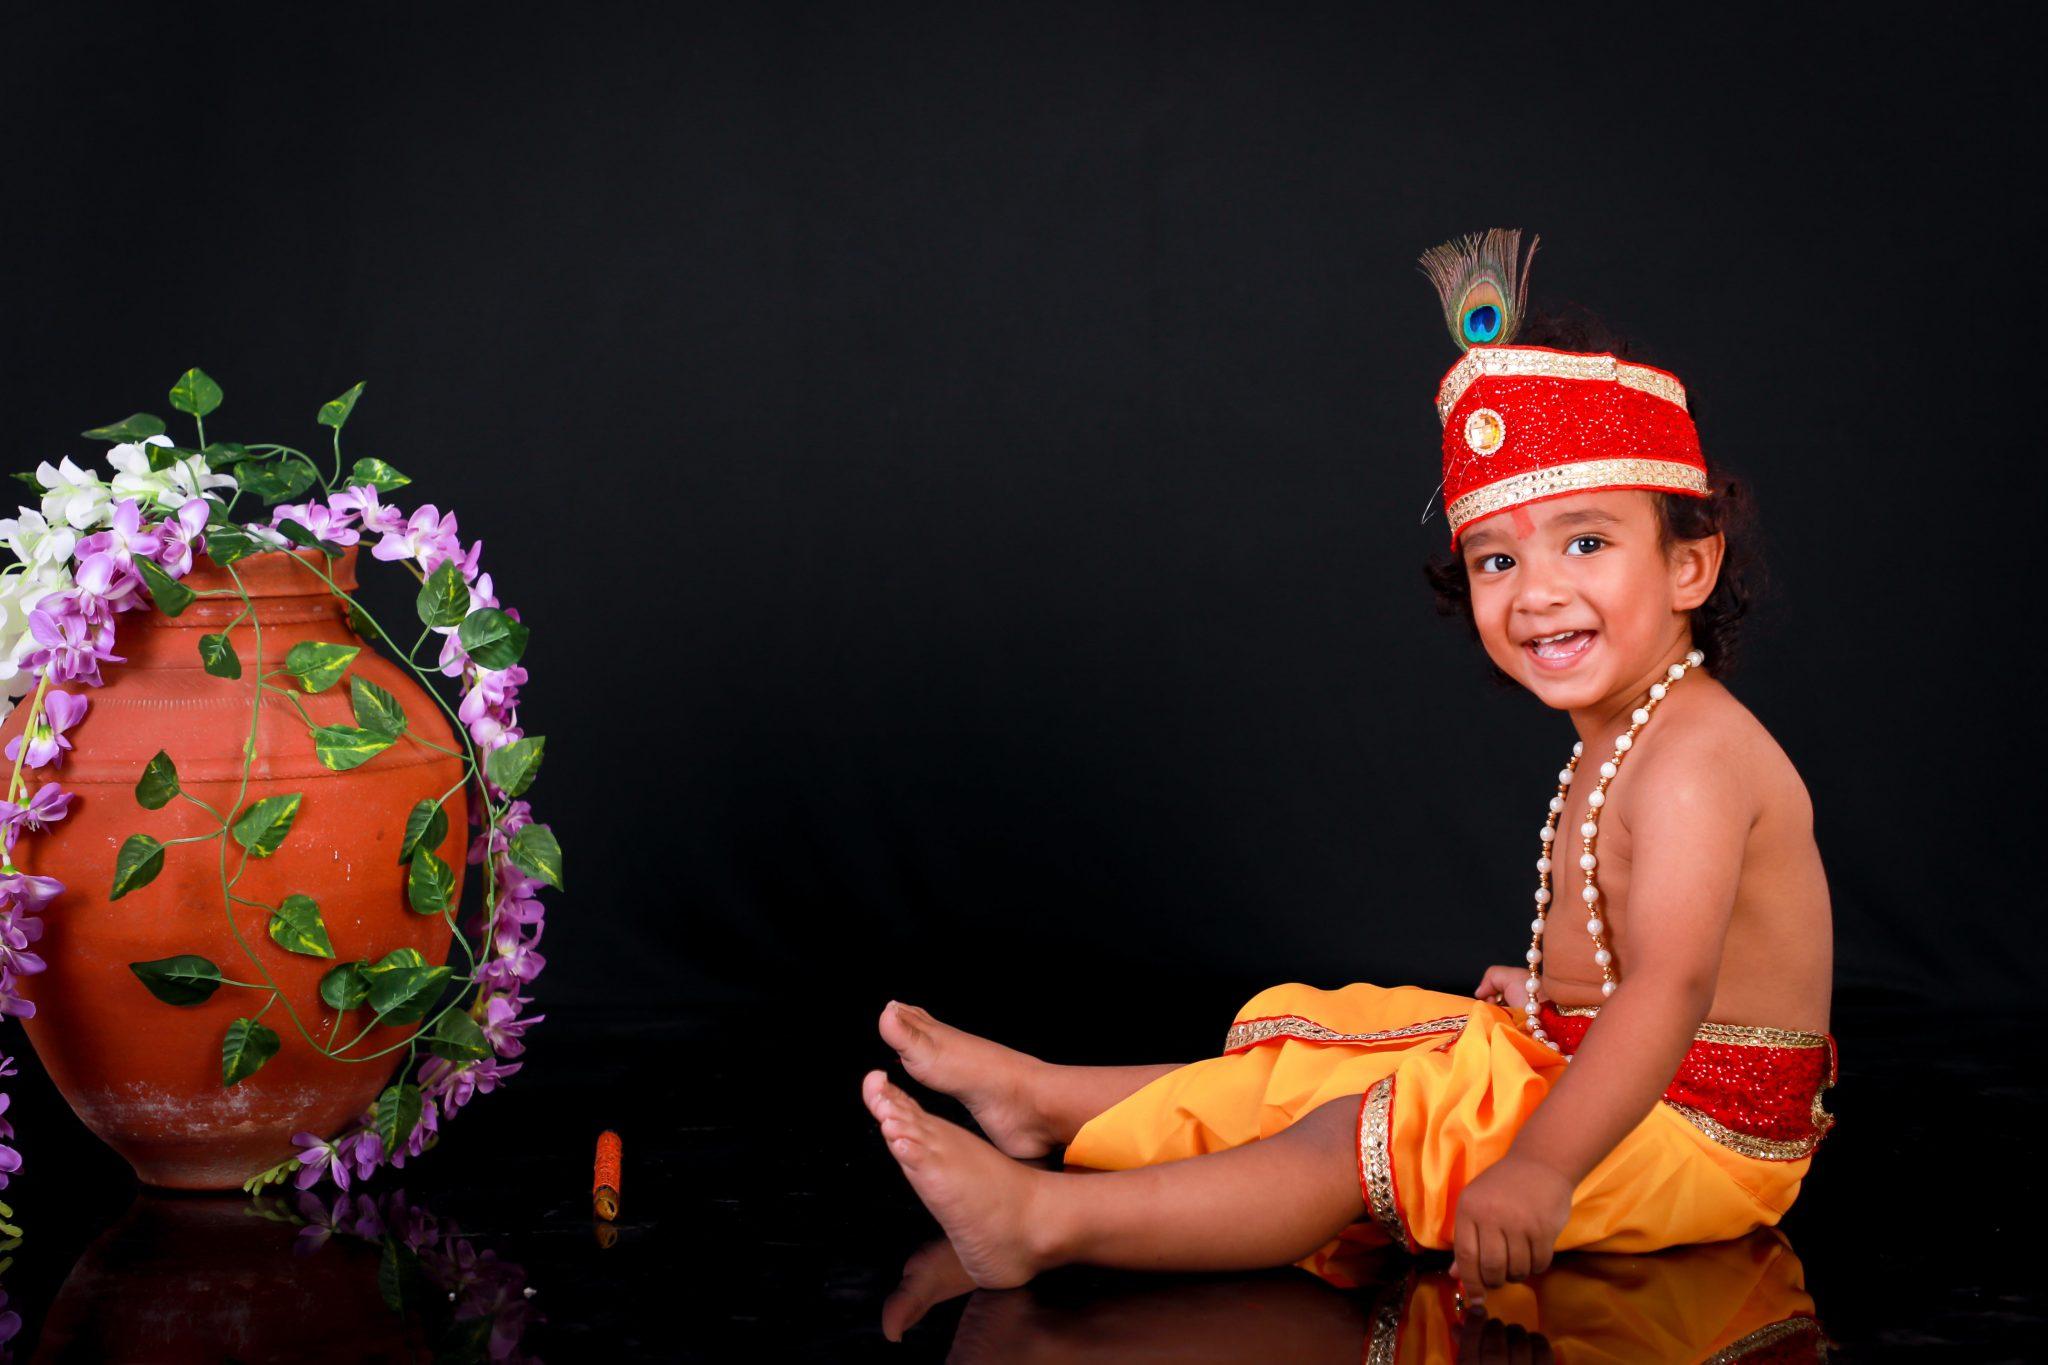 kids photoshoot kids photography baby boy photoshoot pre birthday photoshoot baby krishna